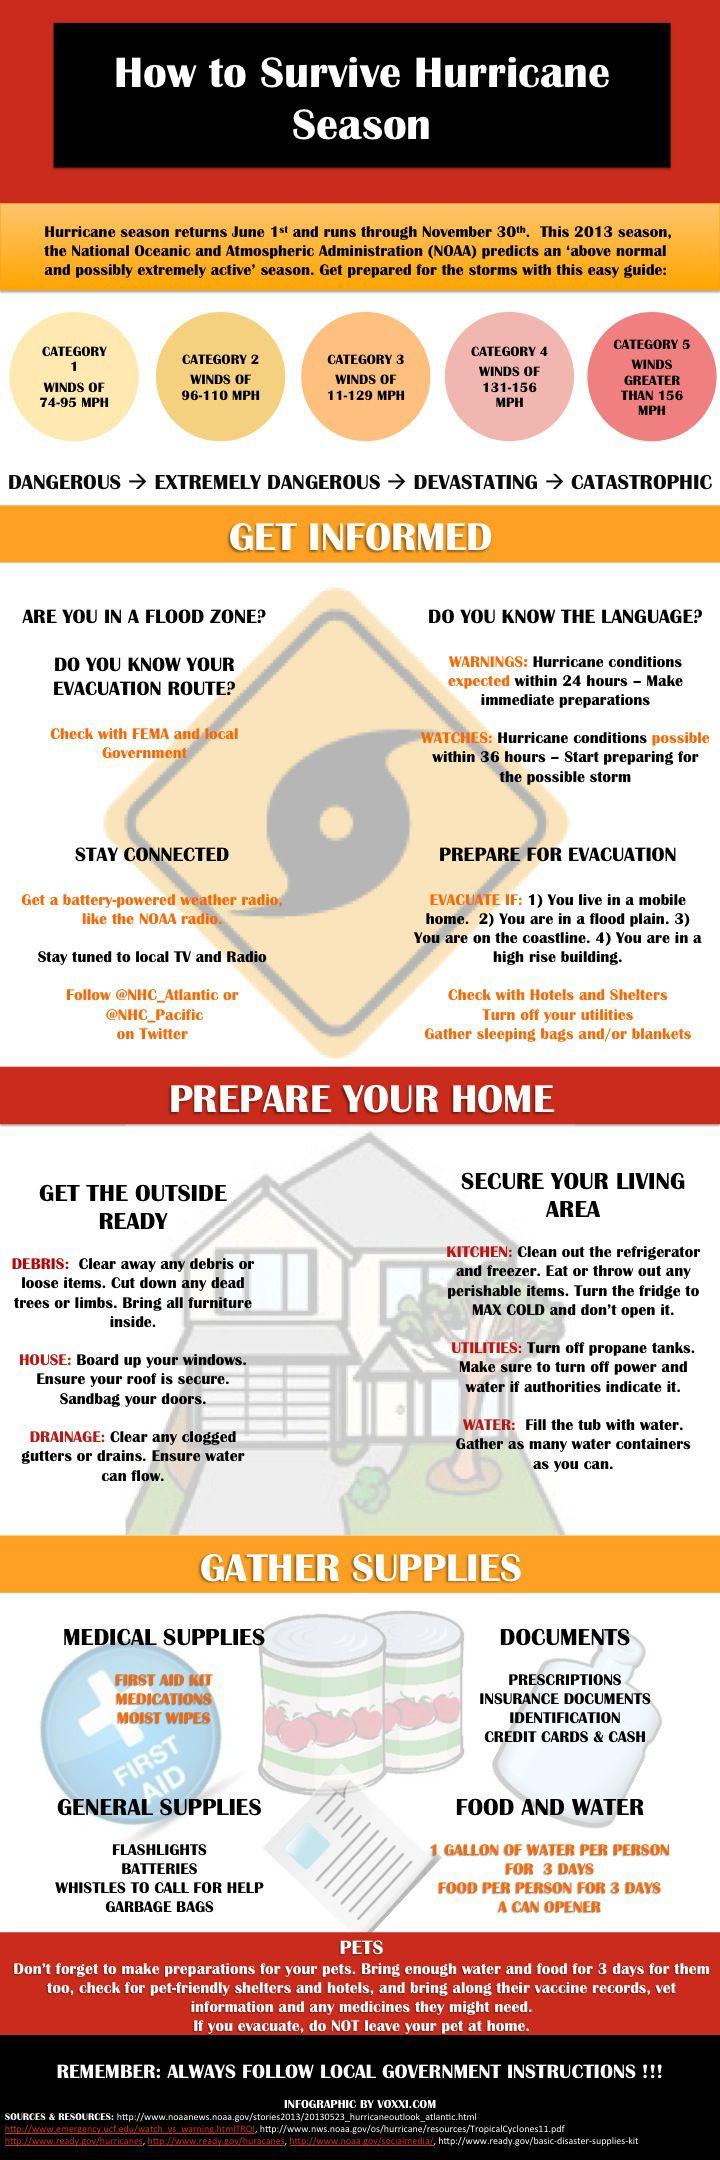 Hurricane Survival Kit List Preparedness Tips Survival Life Hurricane Season Hurricane Emergency Kit Hurricane Preparedness